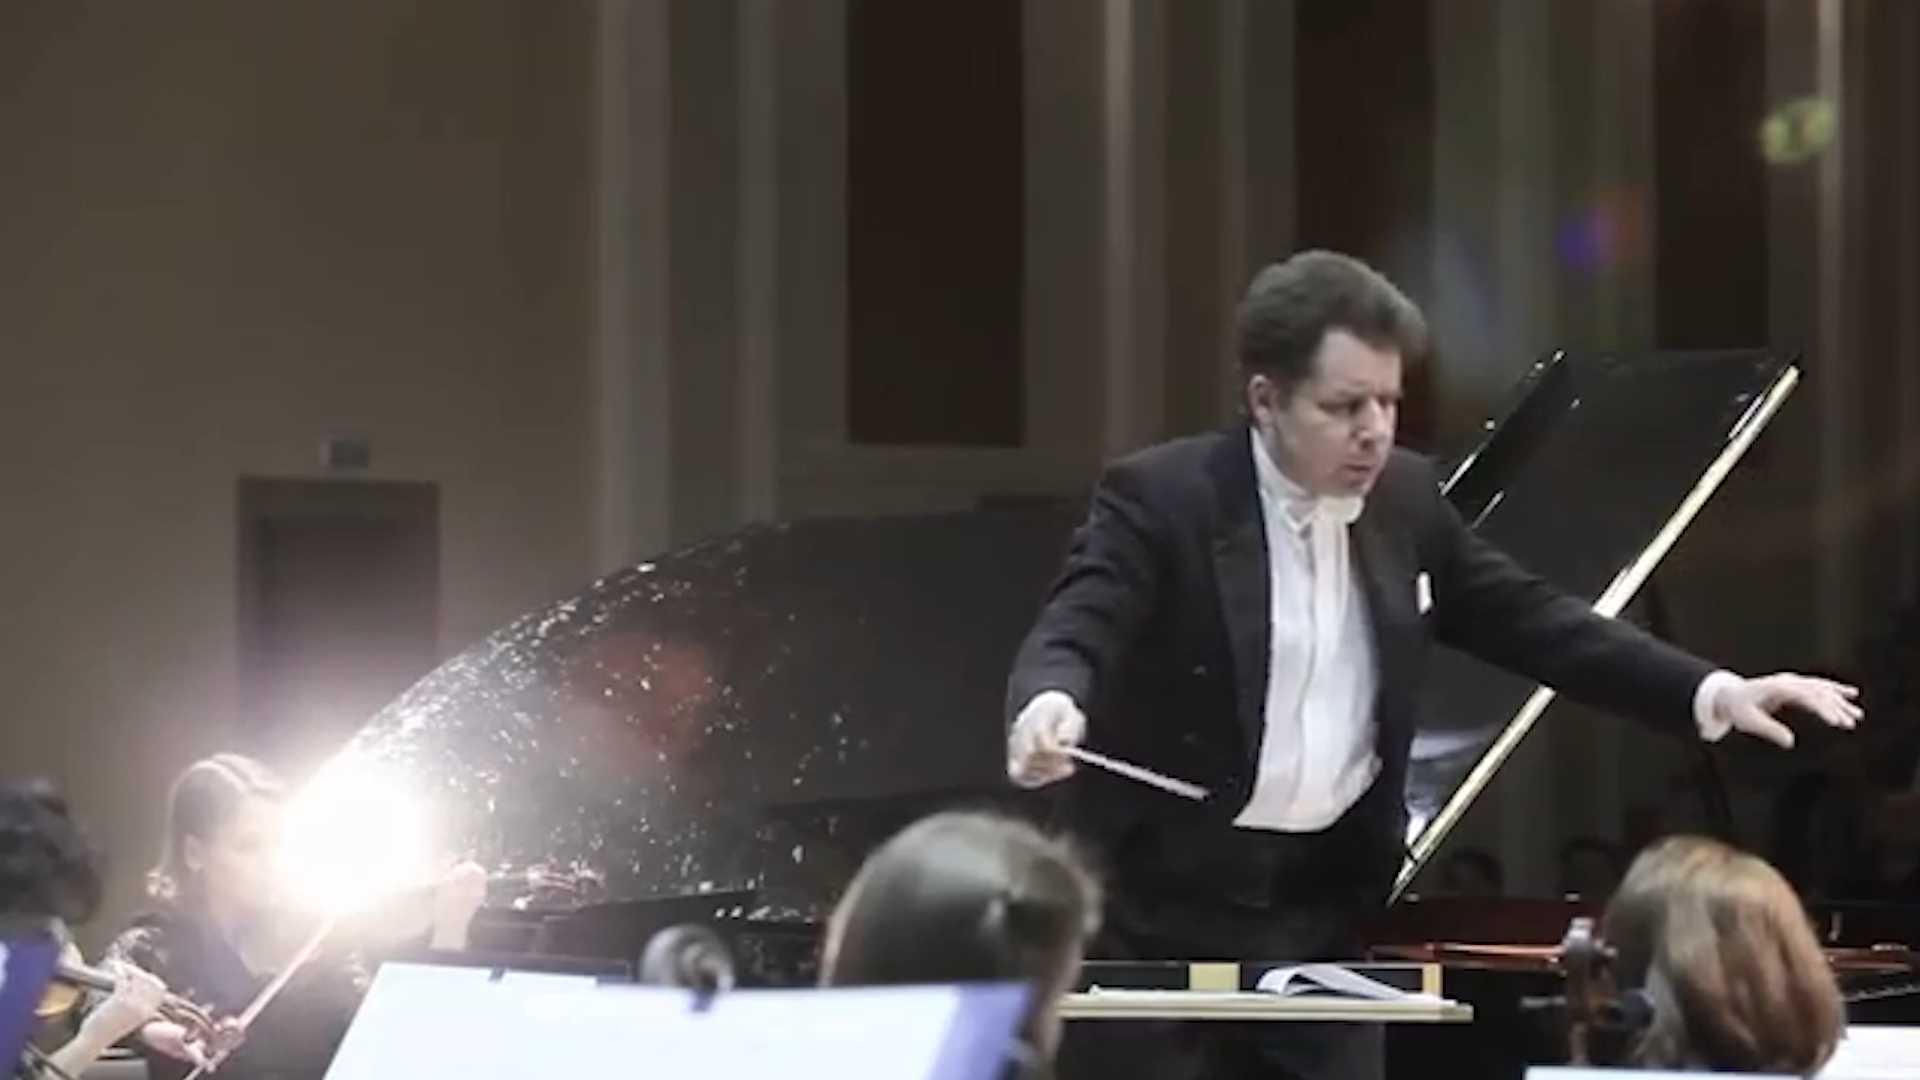 Костромские музыканты сыграют Баха и Моцарта в честь медиков